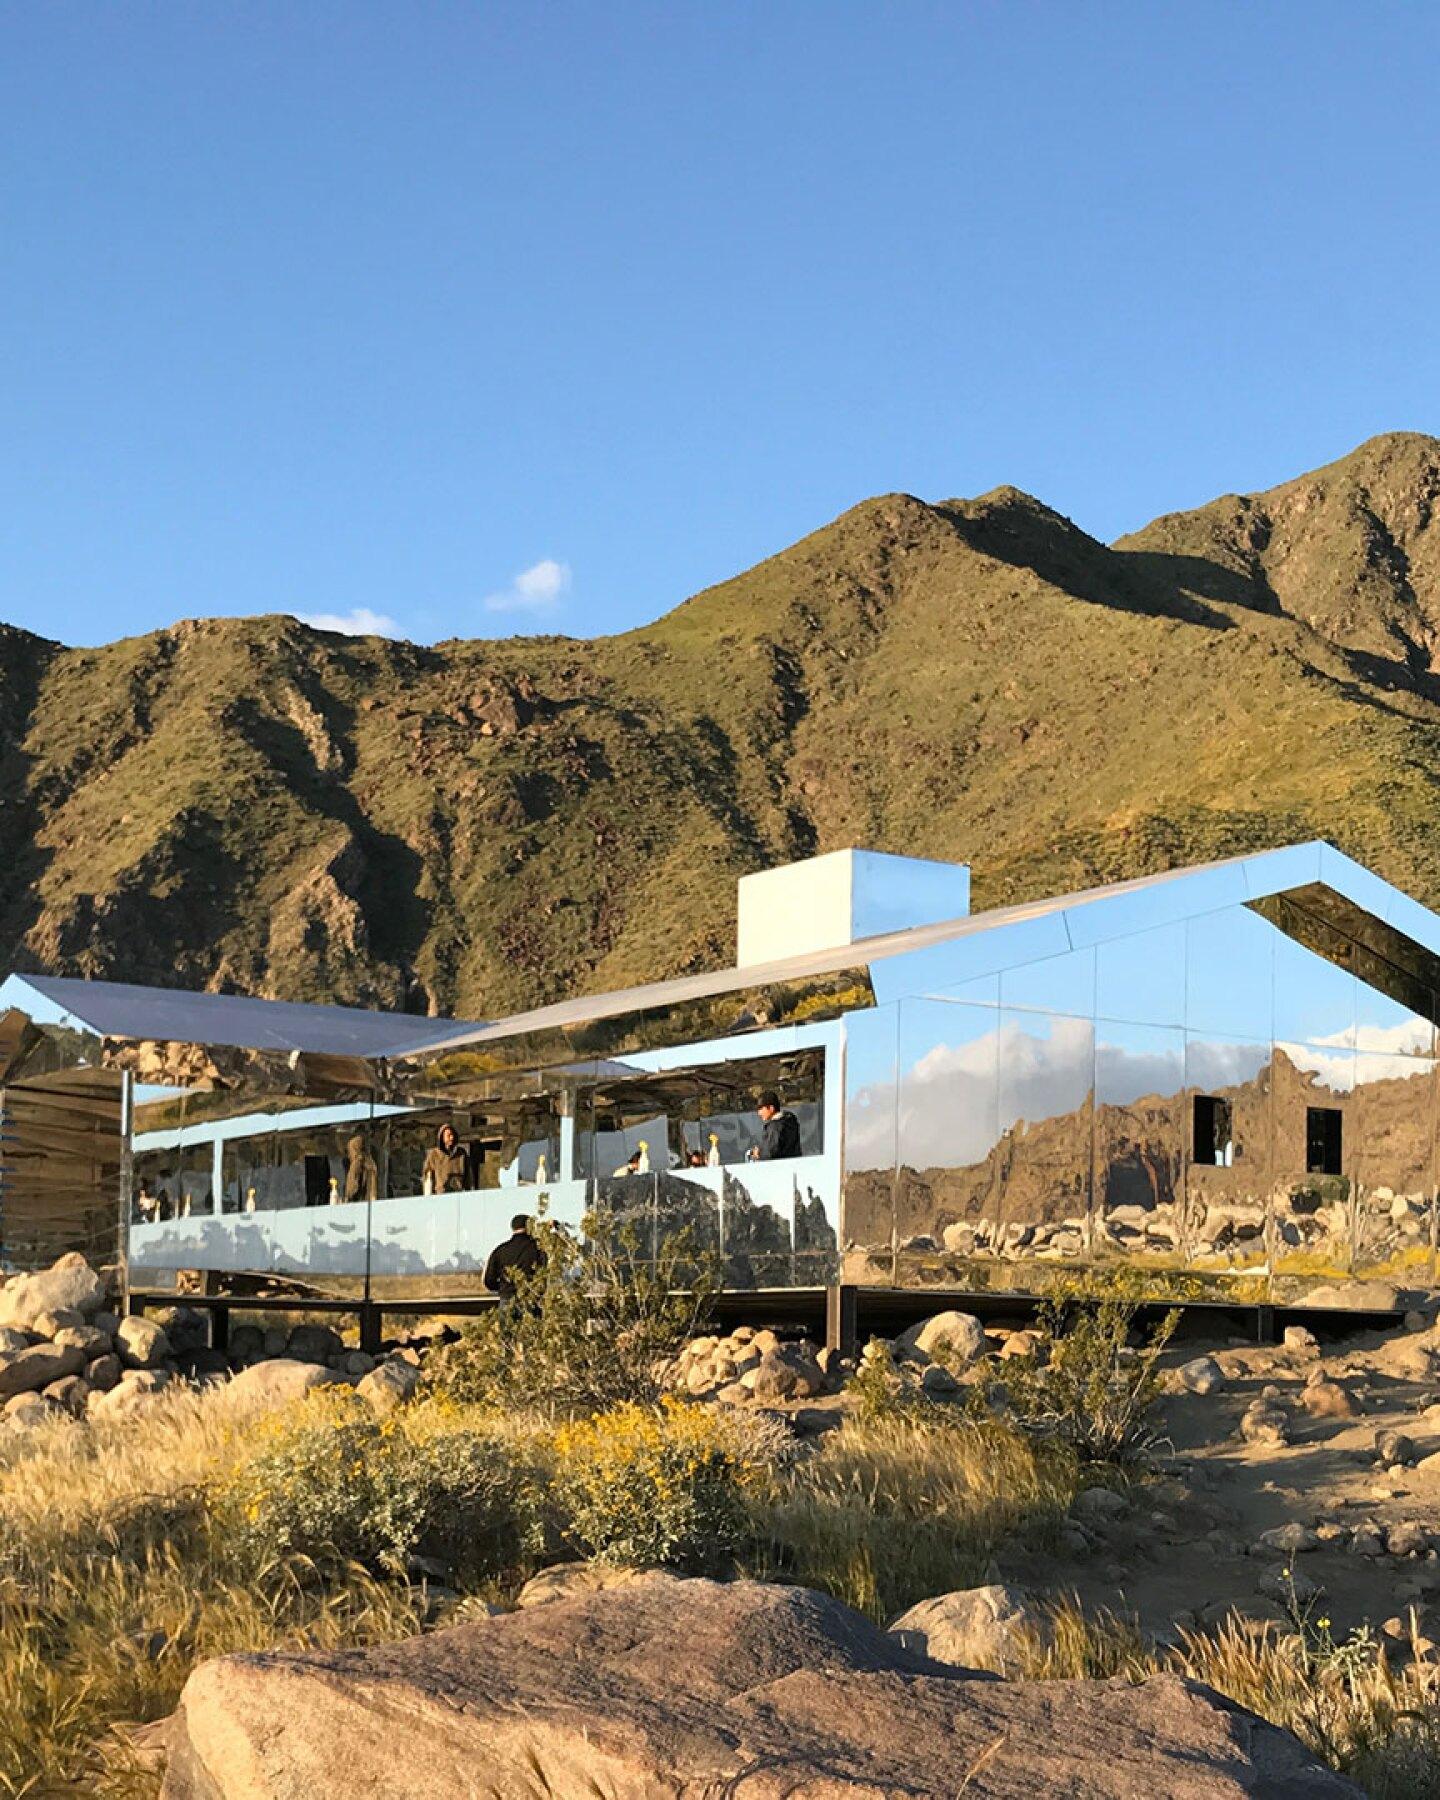 Mirage at Desert X by Doug Aitken | Still from shoot